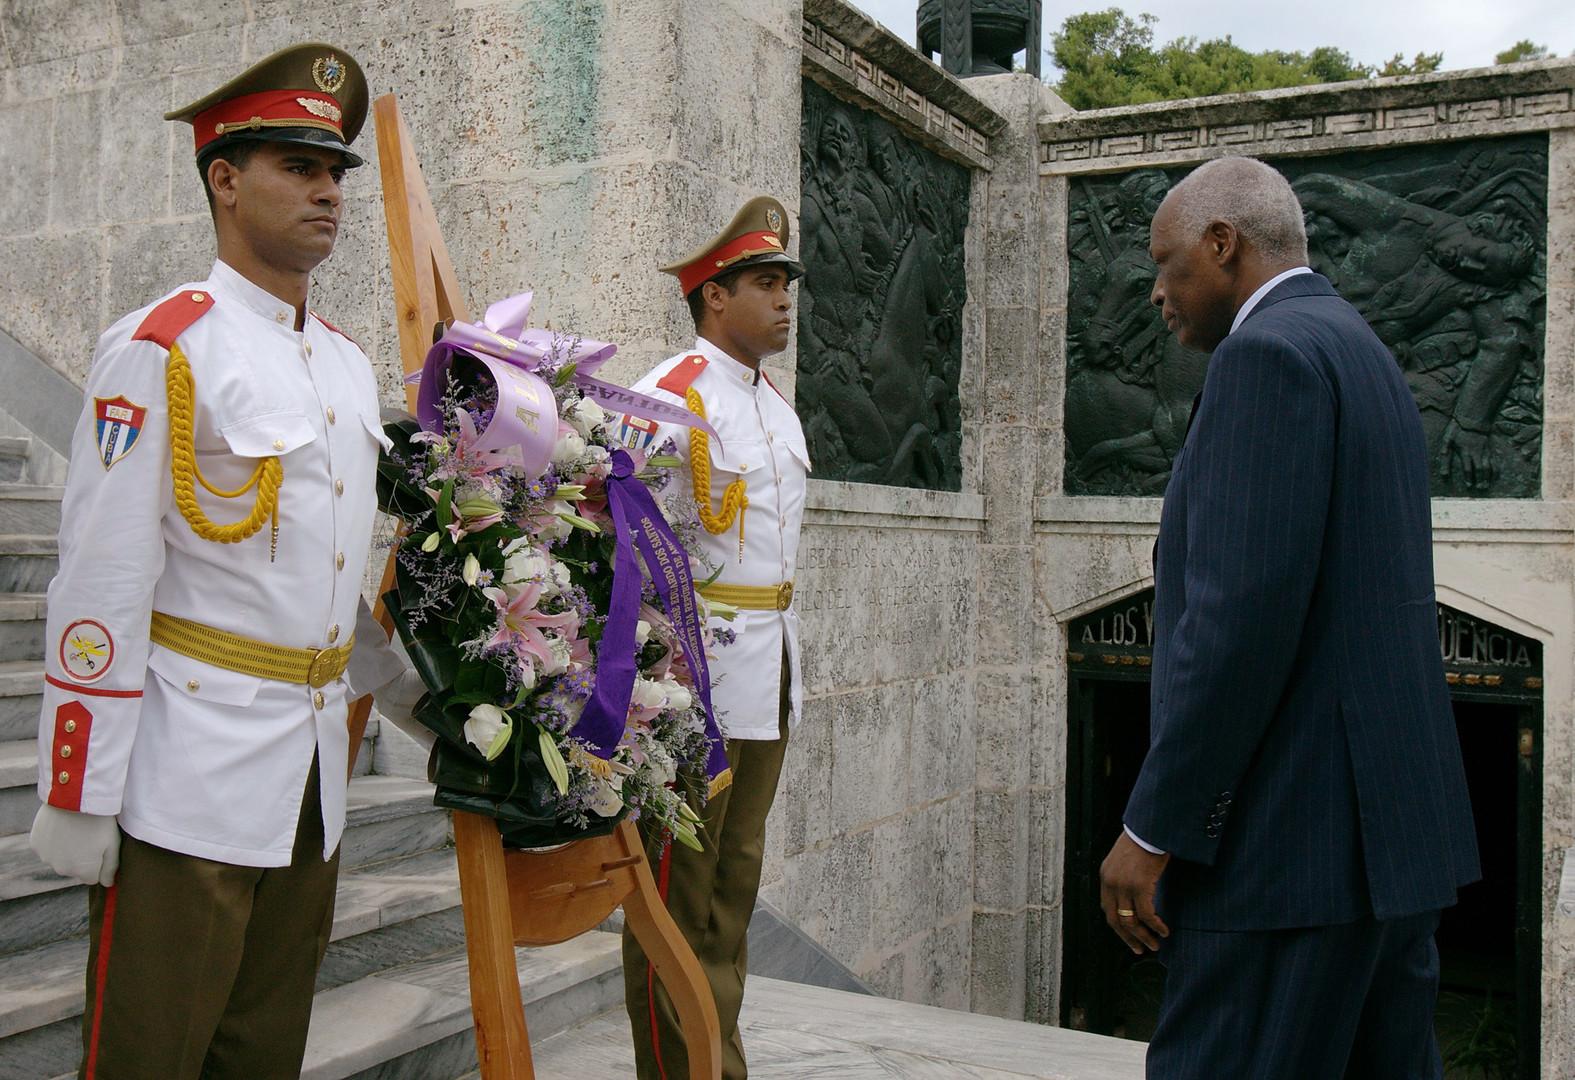 Angolas Präsident Jose Eduardo Dos Santos (R) bei einer Zeremonie im Januar 2007 für die in Angola gefallenen kubanischen Soldaten. Insgesamt kämpften im Verlauf von 1975 bis 1989 über 300.000 kubanische Soldaten in Angola. Laut offiziellen kubanischen Quellen, fielen 2077 Soldaten in Angola.